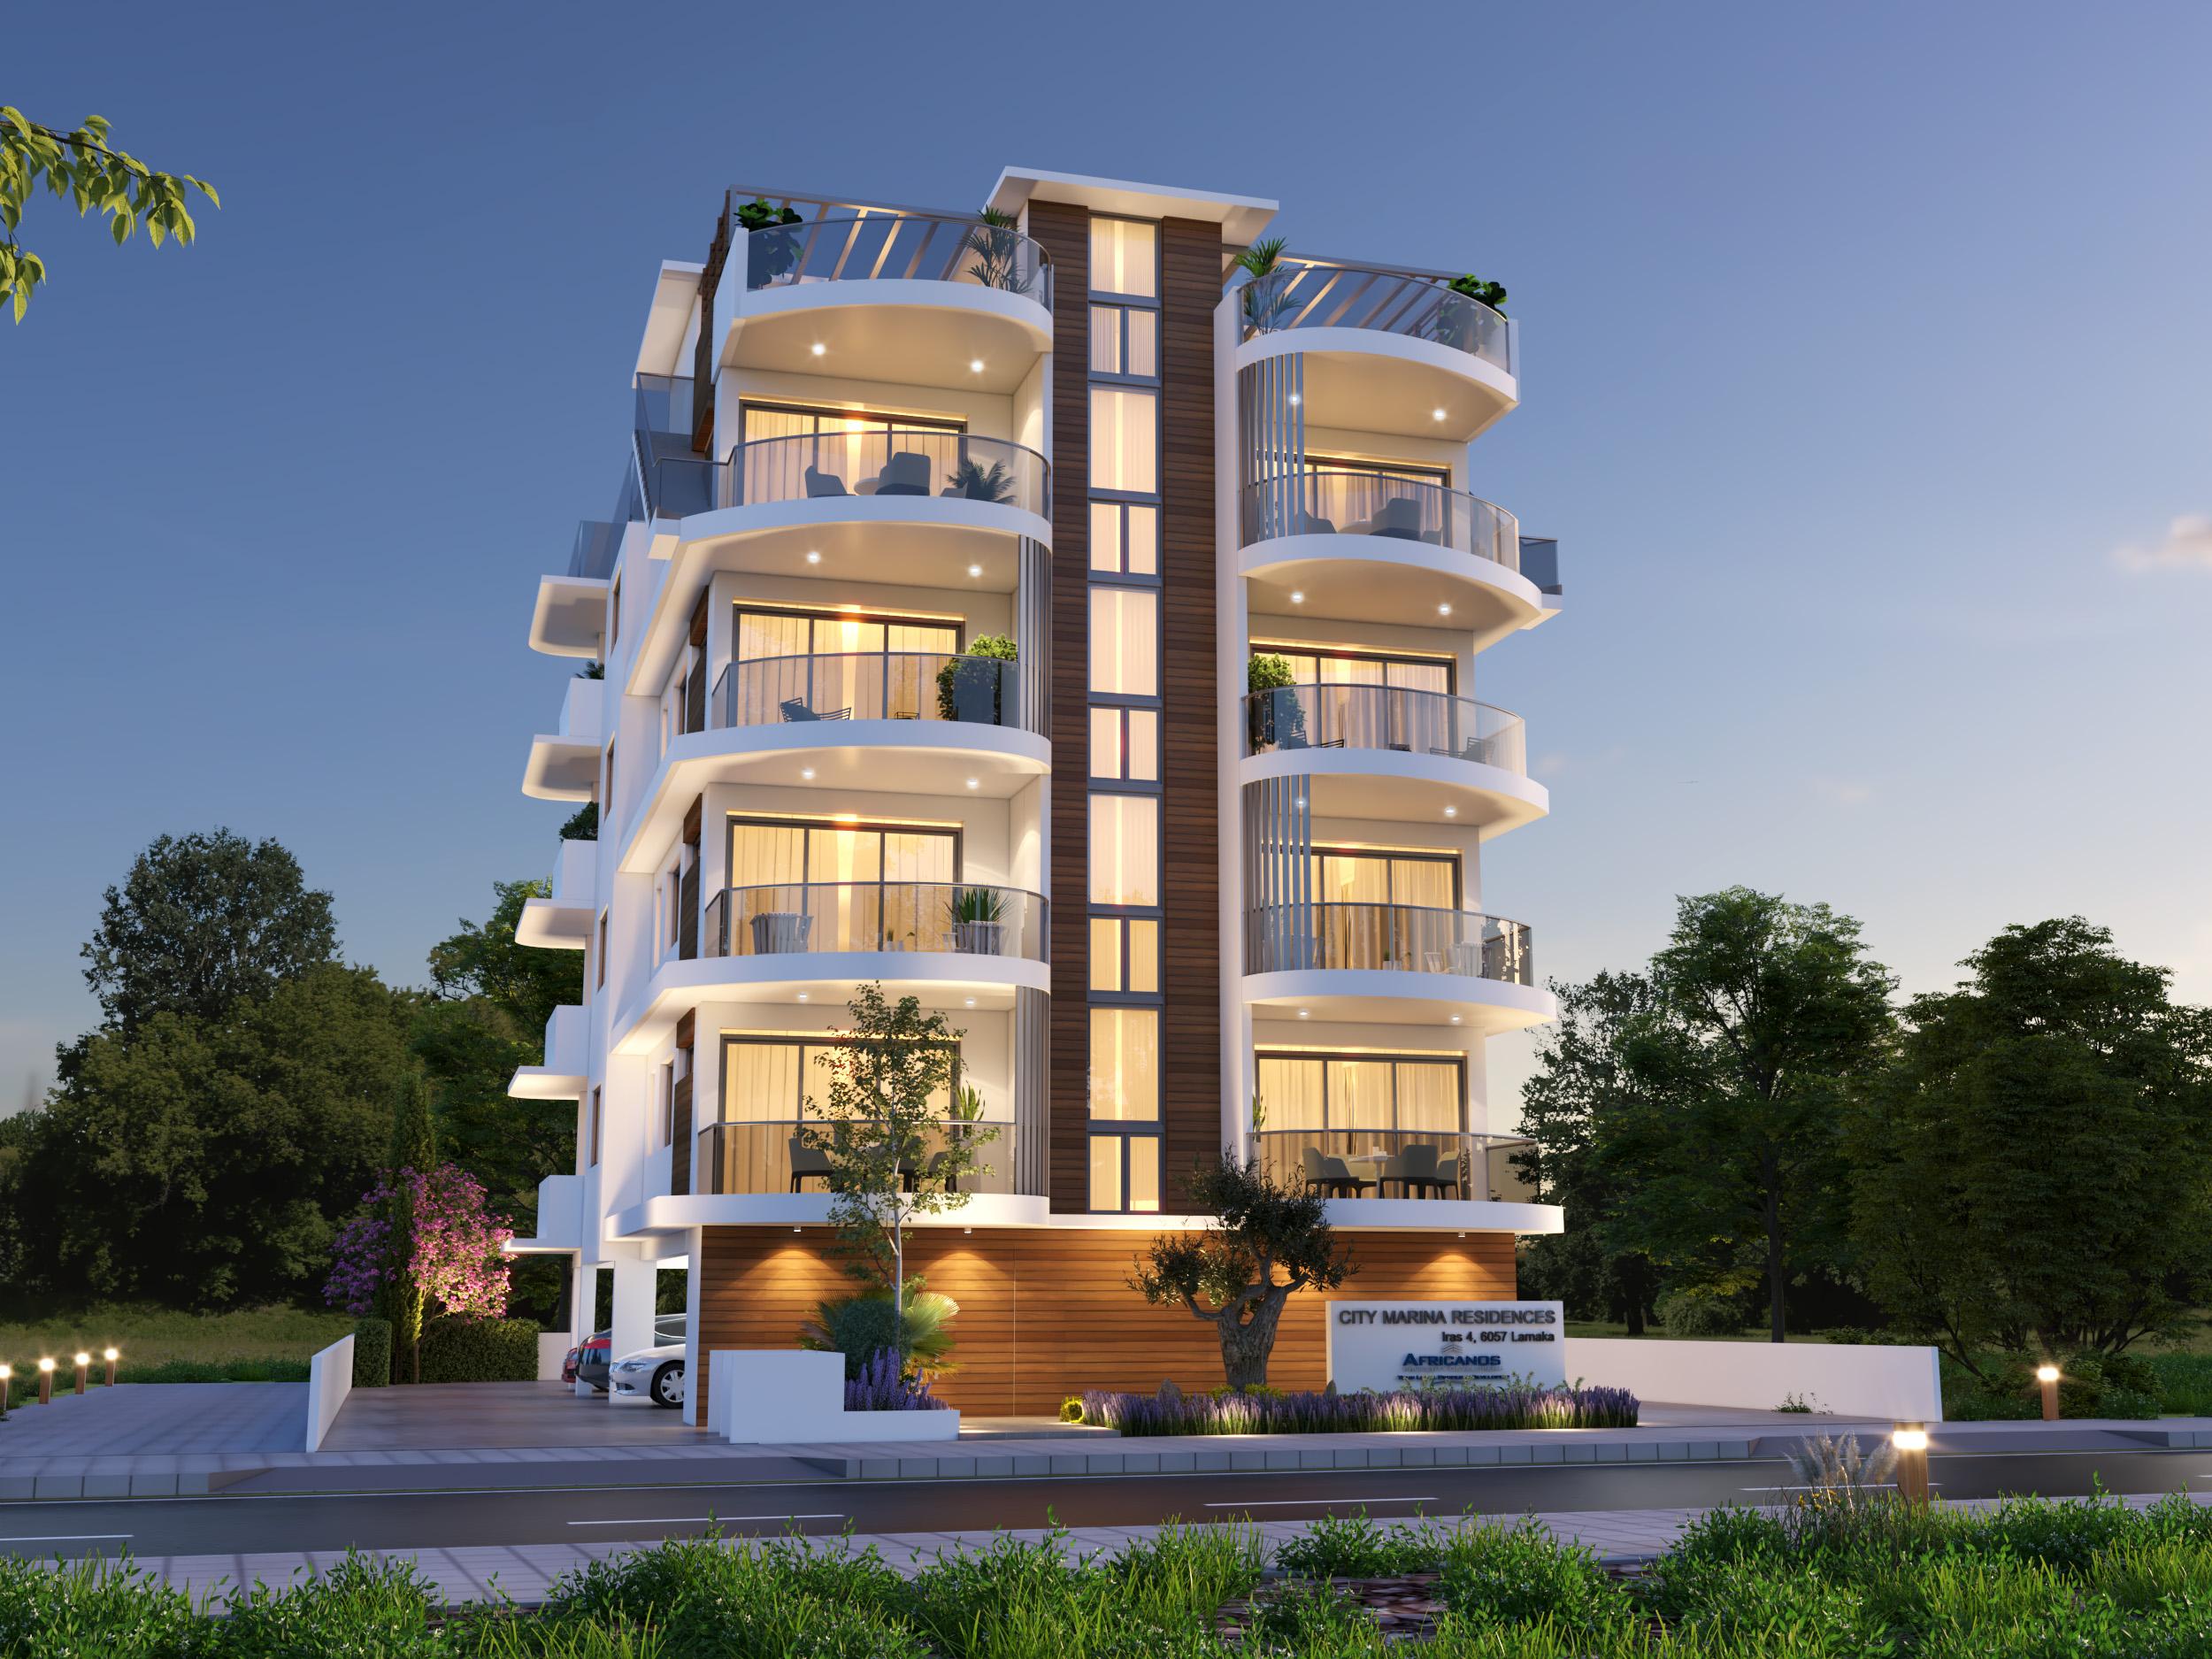 Νέο έργο-κόσμημα από την AFRICANOS PROPERTY DEVELOPERS LTD – City Marina Residences